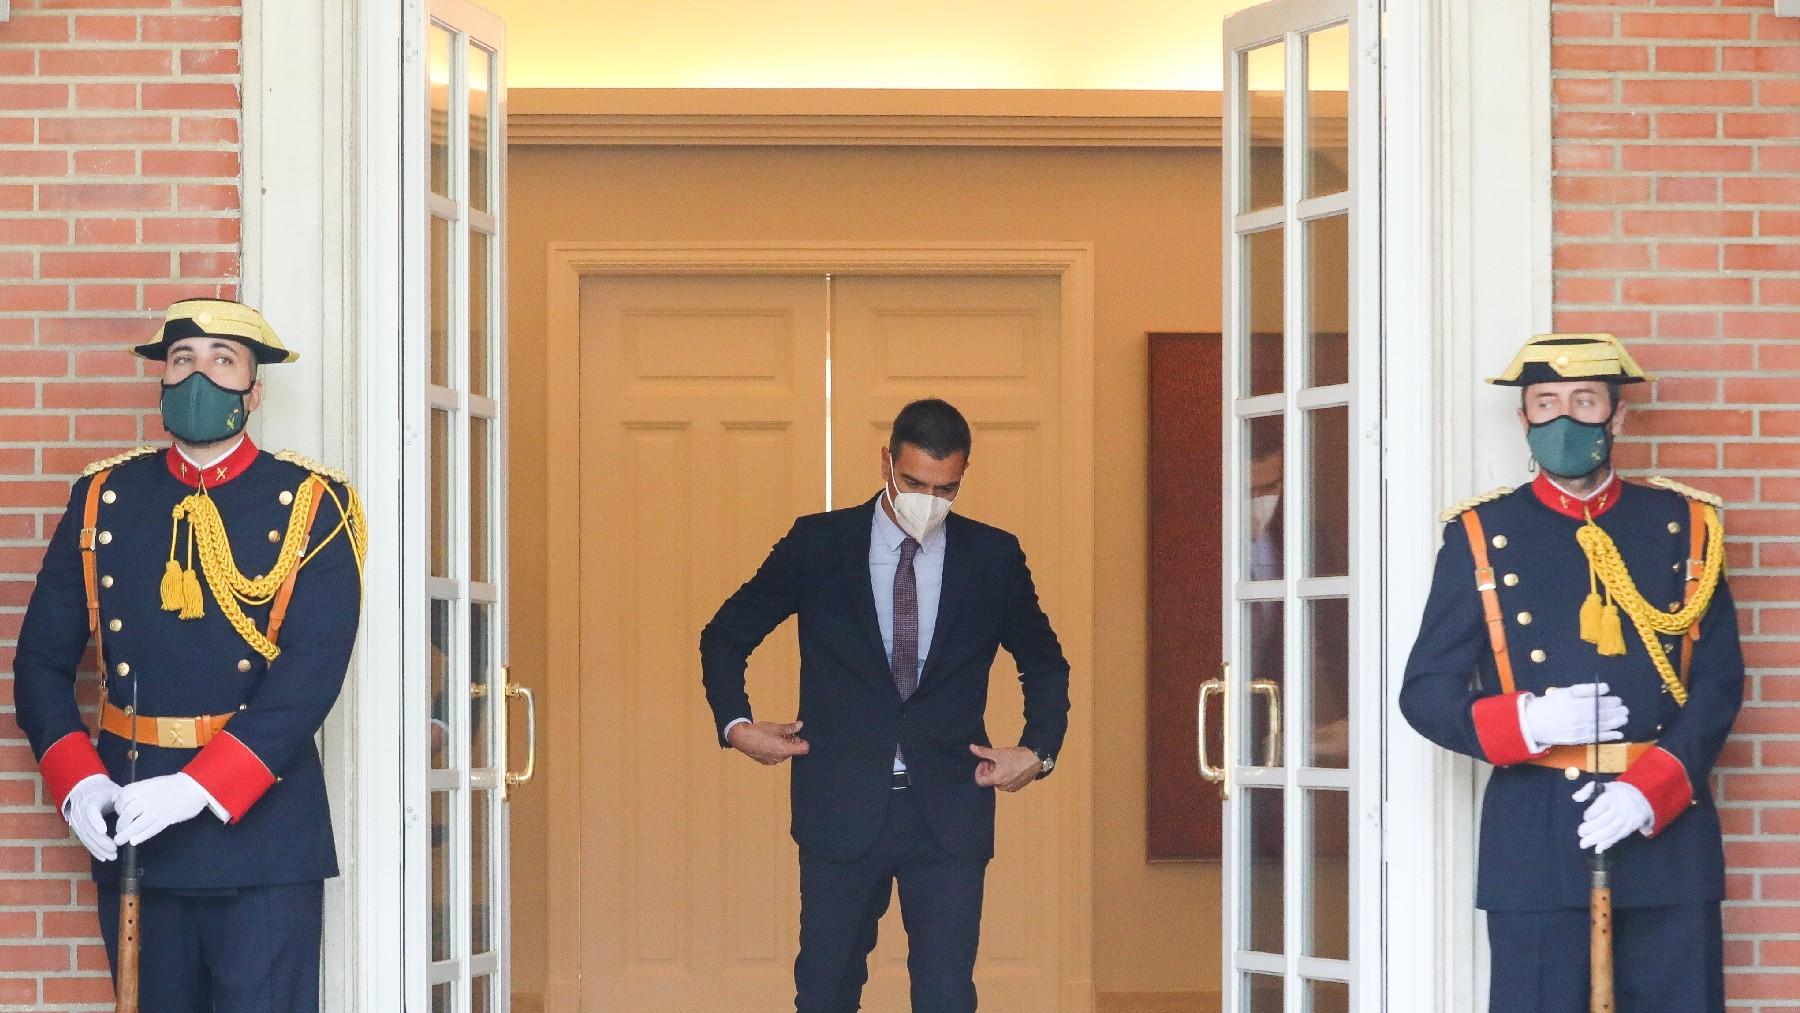 El presidente del Gobierno y líder del PSOE, Pedro Sánchez, en el Palacio de la Moncloa. (Foto: EP)